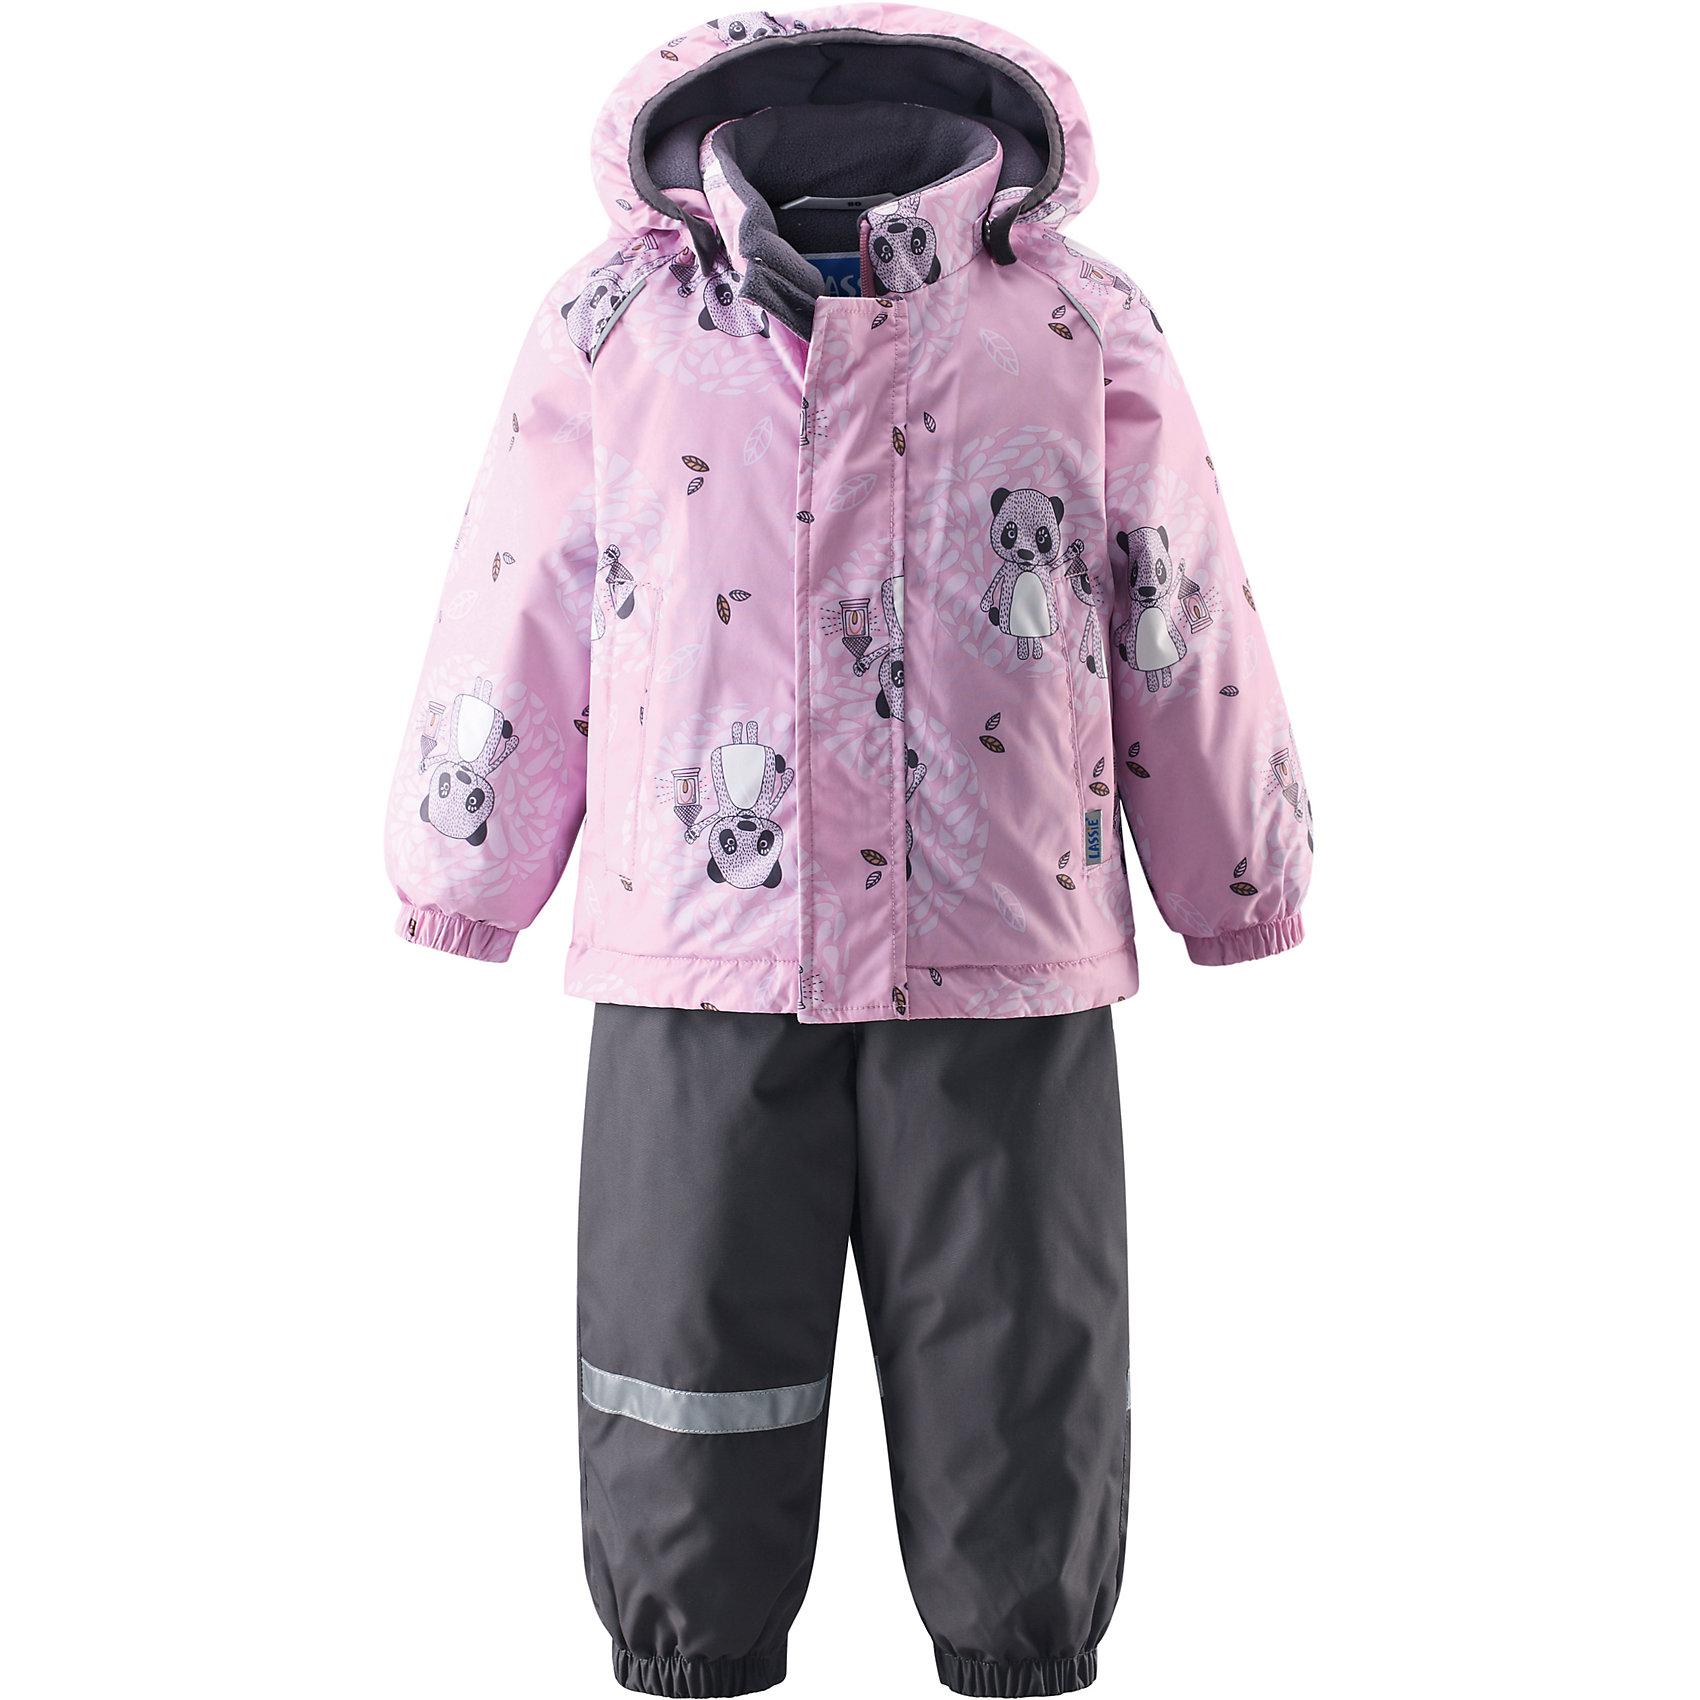 Комплект LASSIE by ReimaЗимний комбинезон для малышей известной финской марки.<br><br>- Водоотталкивающий, ветронепроницаемый, «дышащий» и грязеотталкивающий материал.<br>- Задний серединный шов брюк проклеен.<br>- Мягкая теплая подкладка из флиса.<br>- Гладкая подкладка из полиэстра. <br>-Средняя степень утепления. <br>- Безопасный, съемный капюшон. Эластичные манжеты. <br>- Регулируемый подол. Эластичные штанины.<br>- С ъемные эластичные штрипки. Легко надевать благодаря молнии. <br>- Два прорезных кармана. Регулируемые подтяжки. <br><br>Рекомендации по уходу: Стирать по отдельности, вывернув наизнанку. Застегнуть молнии и липучки. Соблюдать температуру в соответствии с руководством по уходу. Стирать моющим средством, не содержащим отбеливающие вещества. Полоскать без специального средства. Сушение в сушильном шкафу разрешено при  низкой температуре.<br><br>Состав: 100% Полиамид, полиуретановое покрытие.  Утеплитель «Lassie wadding» 140гр.(брюки); 180гр.(куртка).<br><br>Ширина мм: 190<br>Глубина мм: 74<br>Высота мм: 229<br>Вес г: 236<br>Цвет: розовый<br>Возраст от месяцев: 12<br>Возраст до месяцев: 15<br>Пол: Женский<br>Возраст: Детский<br>Размер: 80,86,98,92<br>SKU: 4781572